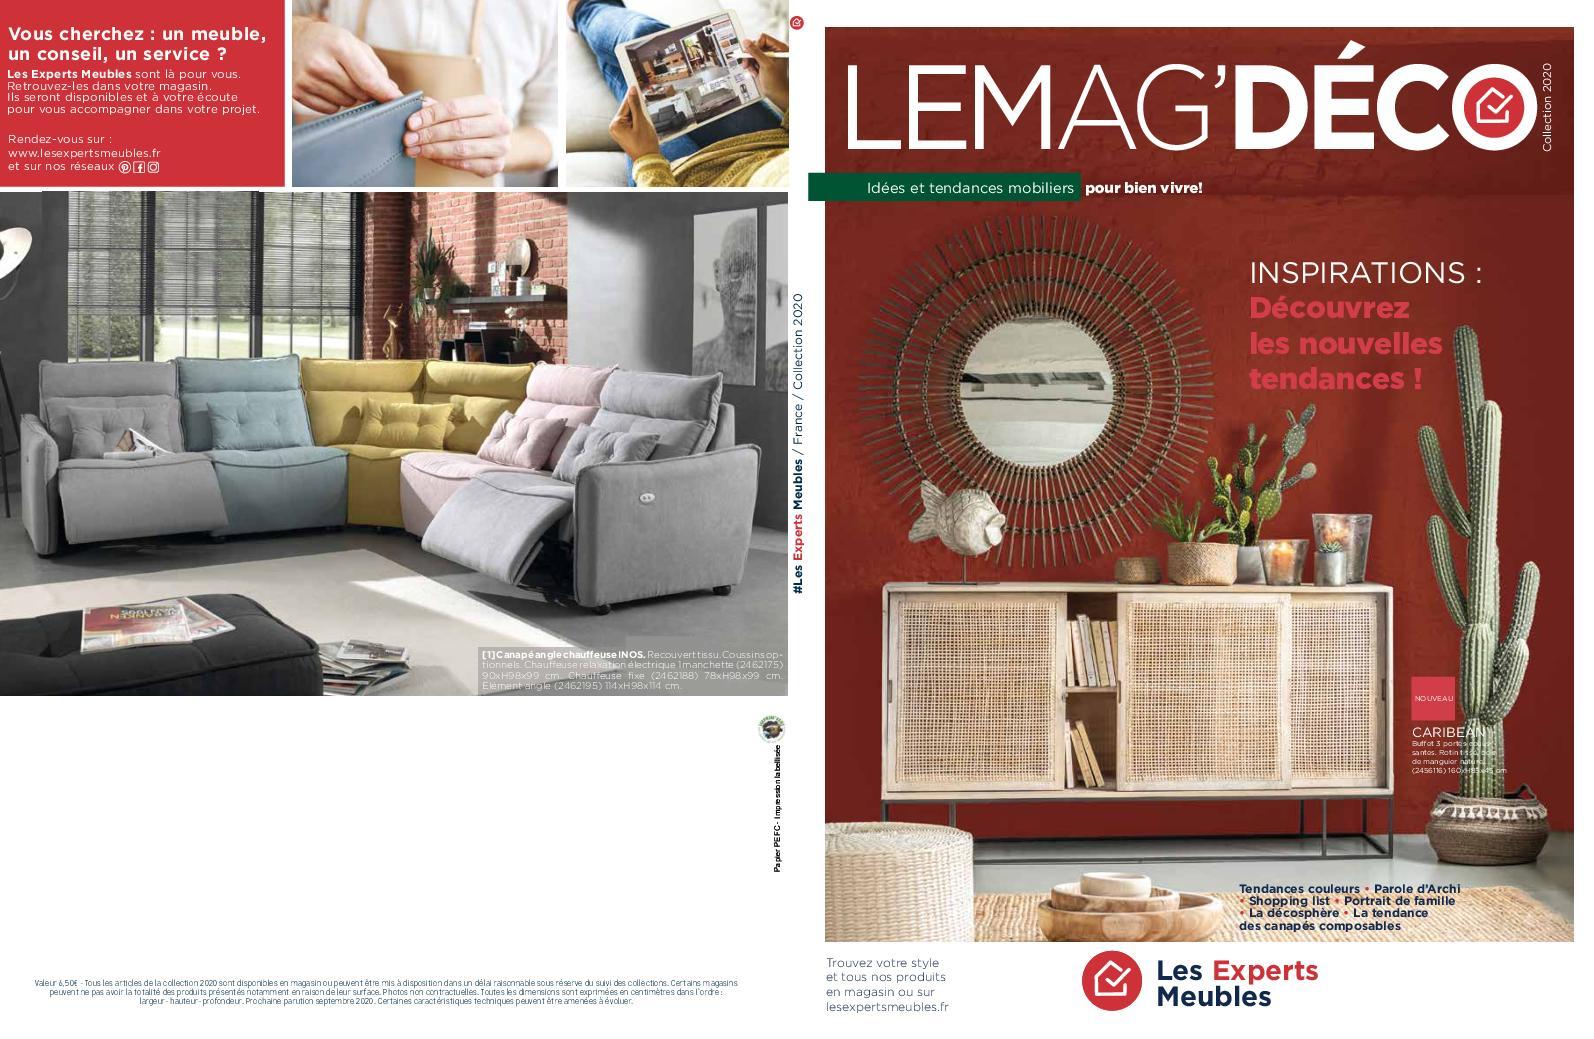 Meubles Cloison Double Face calaméo - les experts meubles catalogue 2020